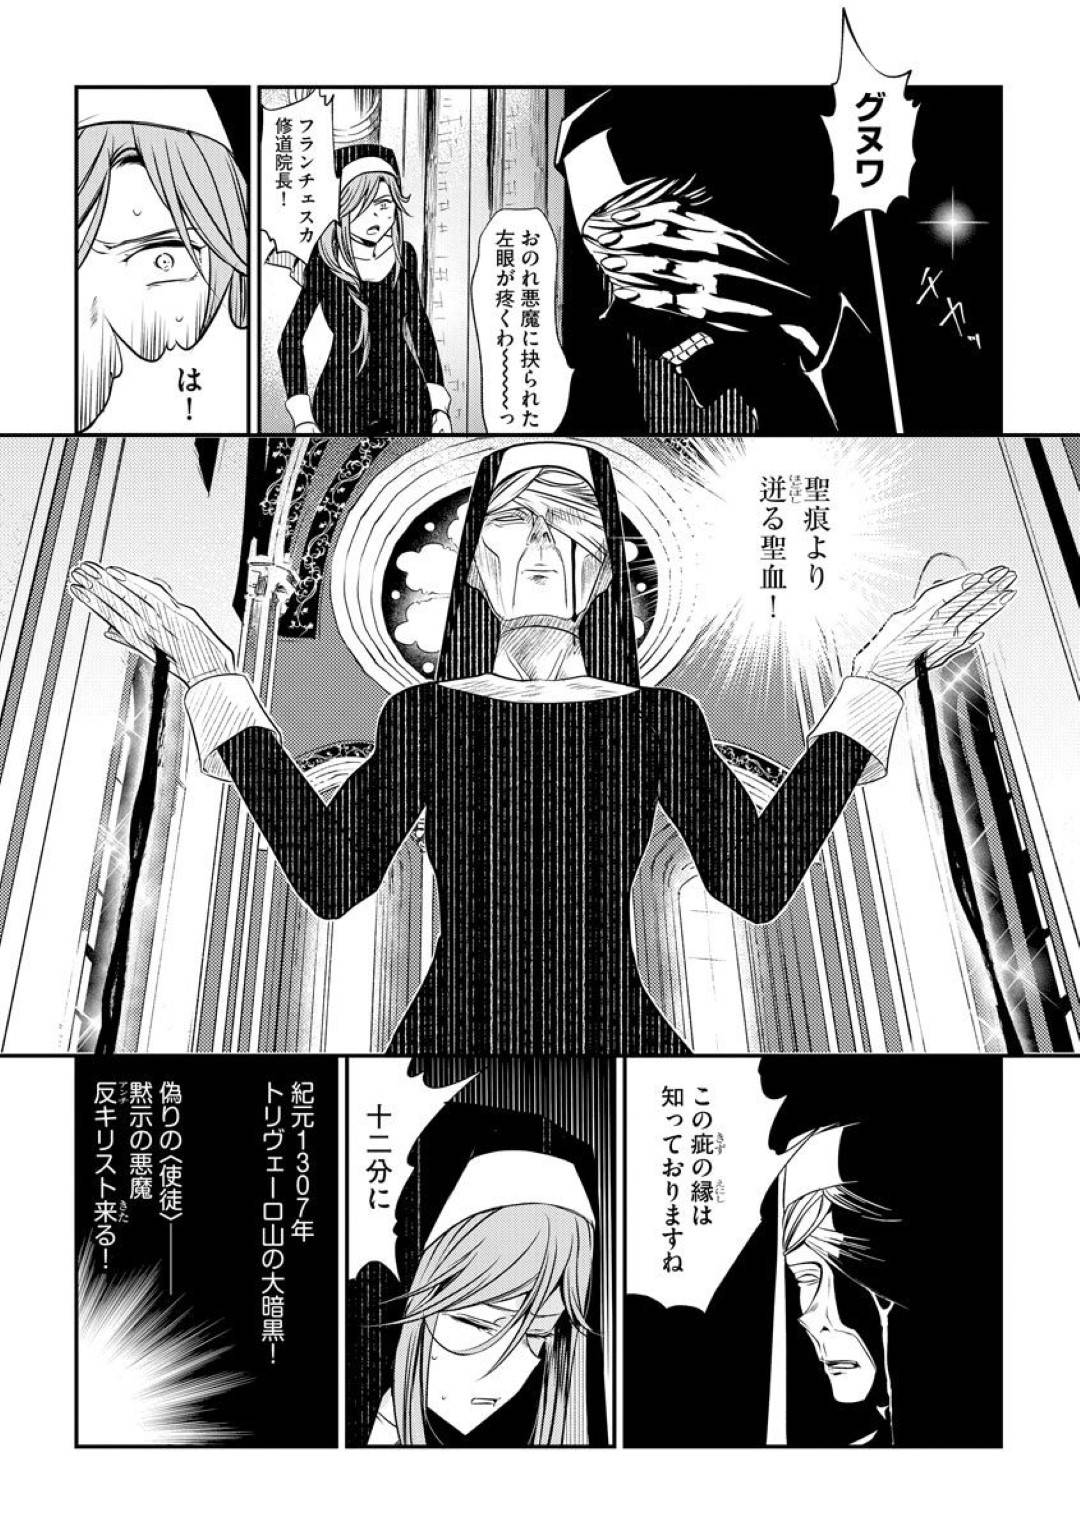 【エロ漫画】終末を感じた時に救ってくれた修道女の下で成長したふたなり修道女…幼少から異端とされていた自分の存在を確かめるため旅立った先で聖女と呼ばれる修道士と出会う!【ときわゆたか】